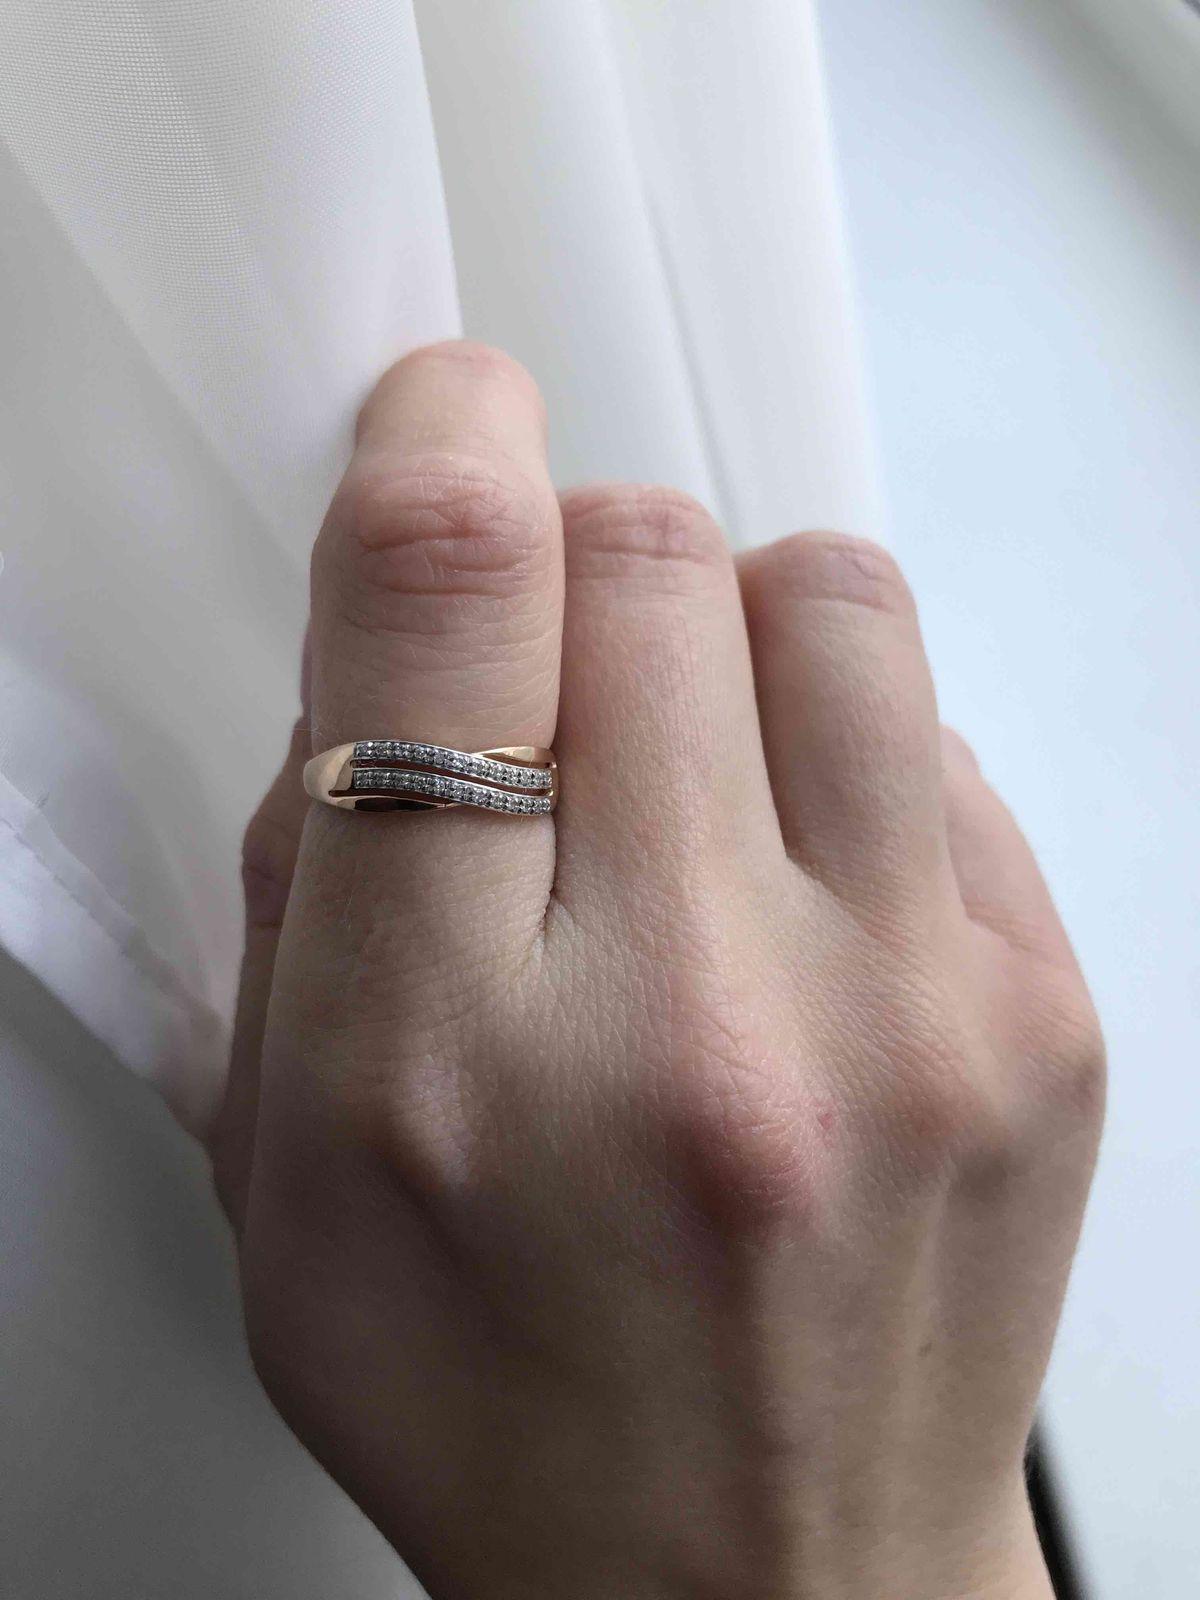 Колечко с бриллиантовой дорожкой